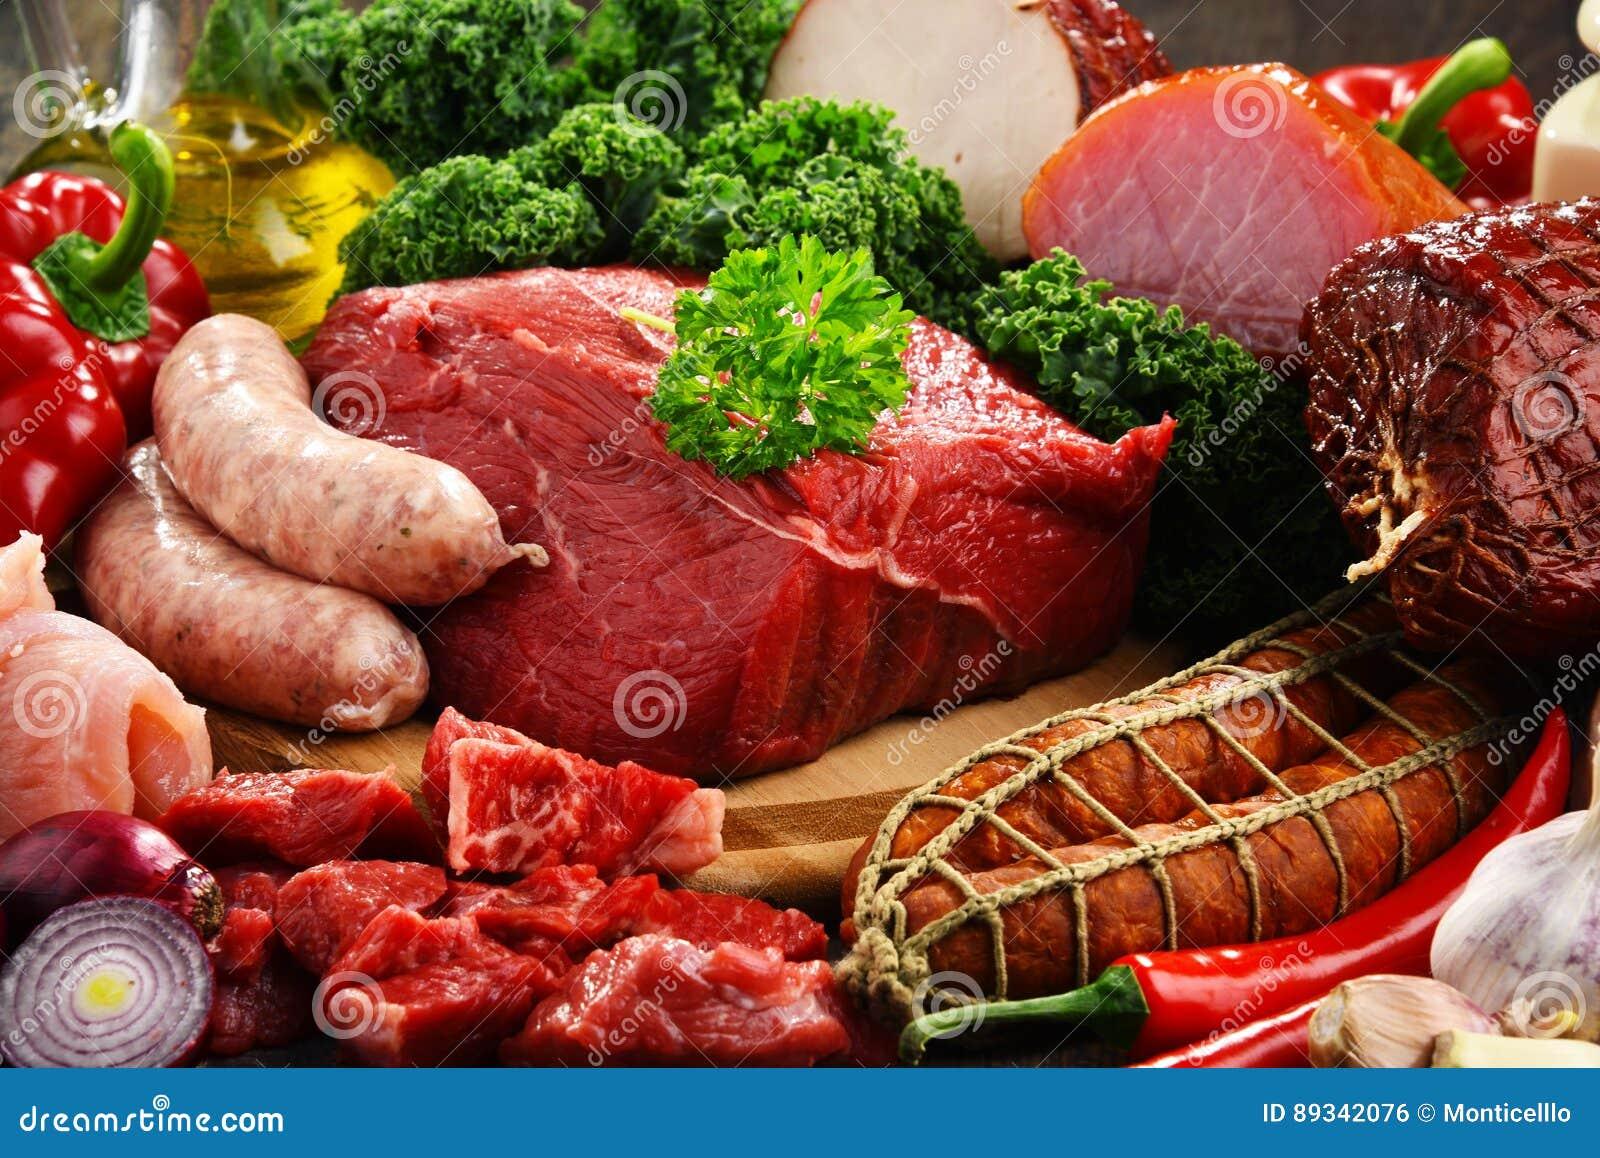 肉制品品种包括火腿和香肠